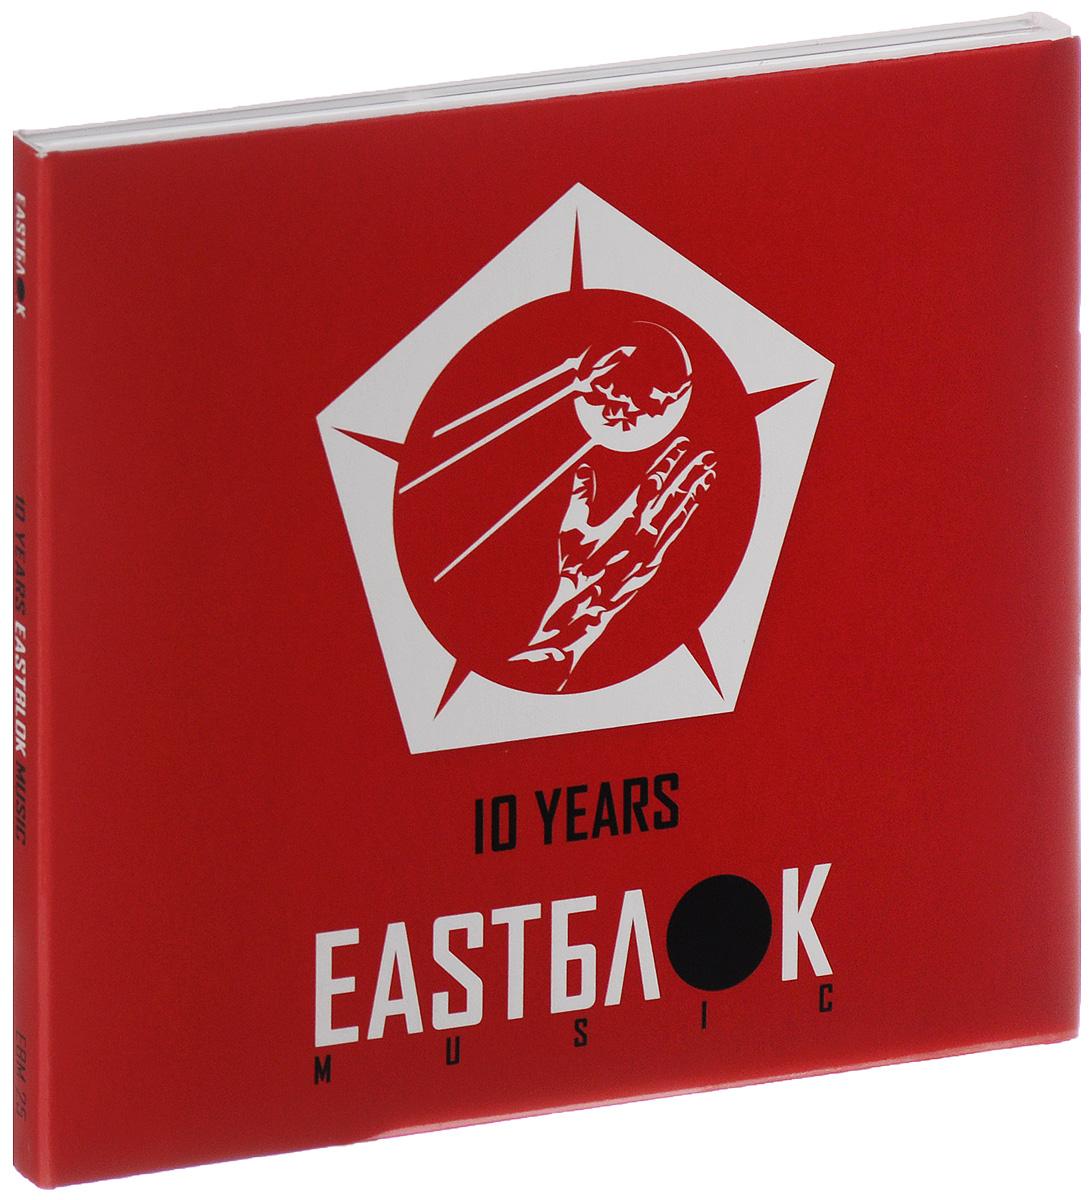 Издание содержит 20-страничный буклет с дополнительной информацией на английском языке.